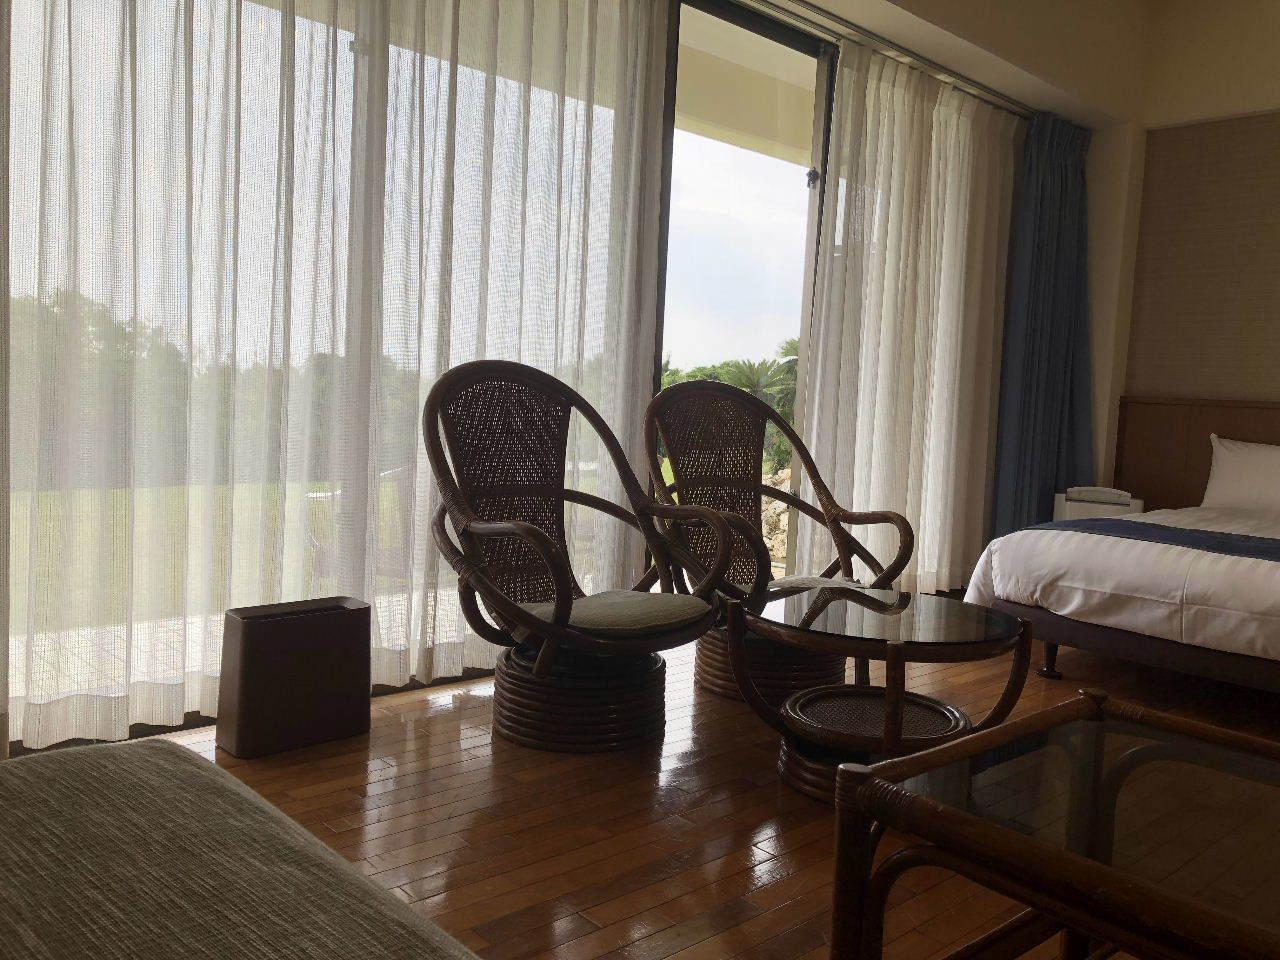 石垣5島めぐり・・最後の小浜島観光とリゾート・ホテル「はいむるぶし」 _c0011649_03553971.jpg